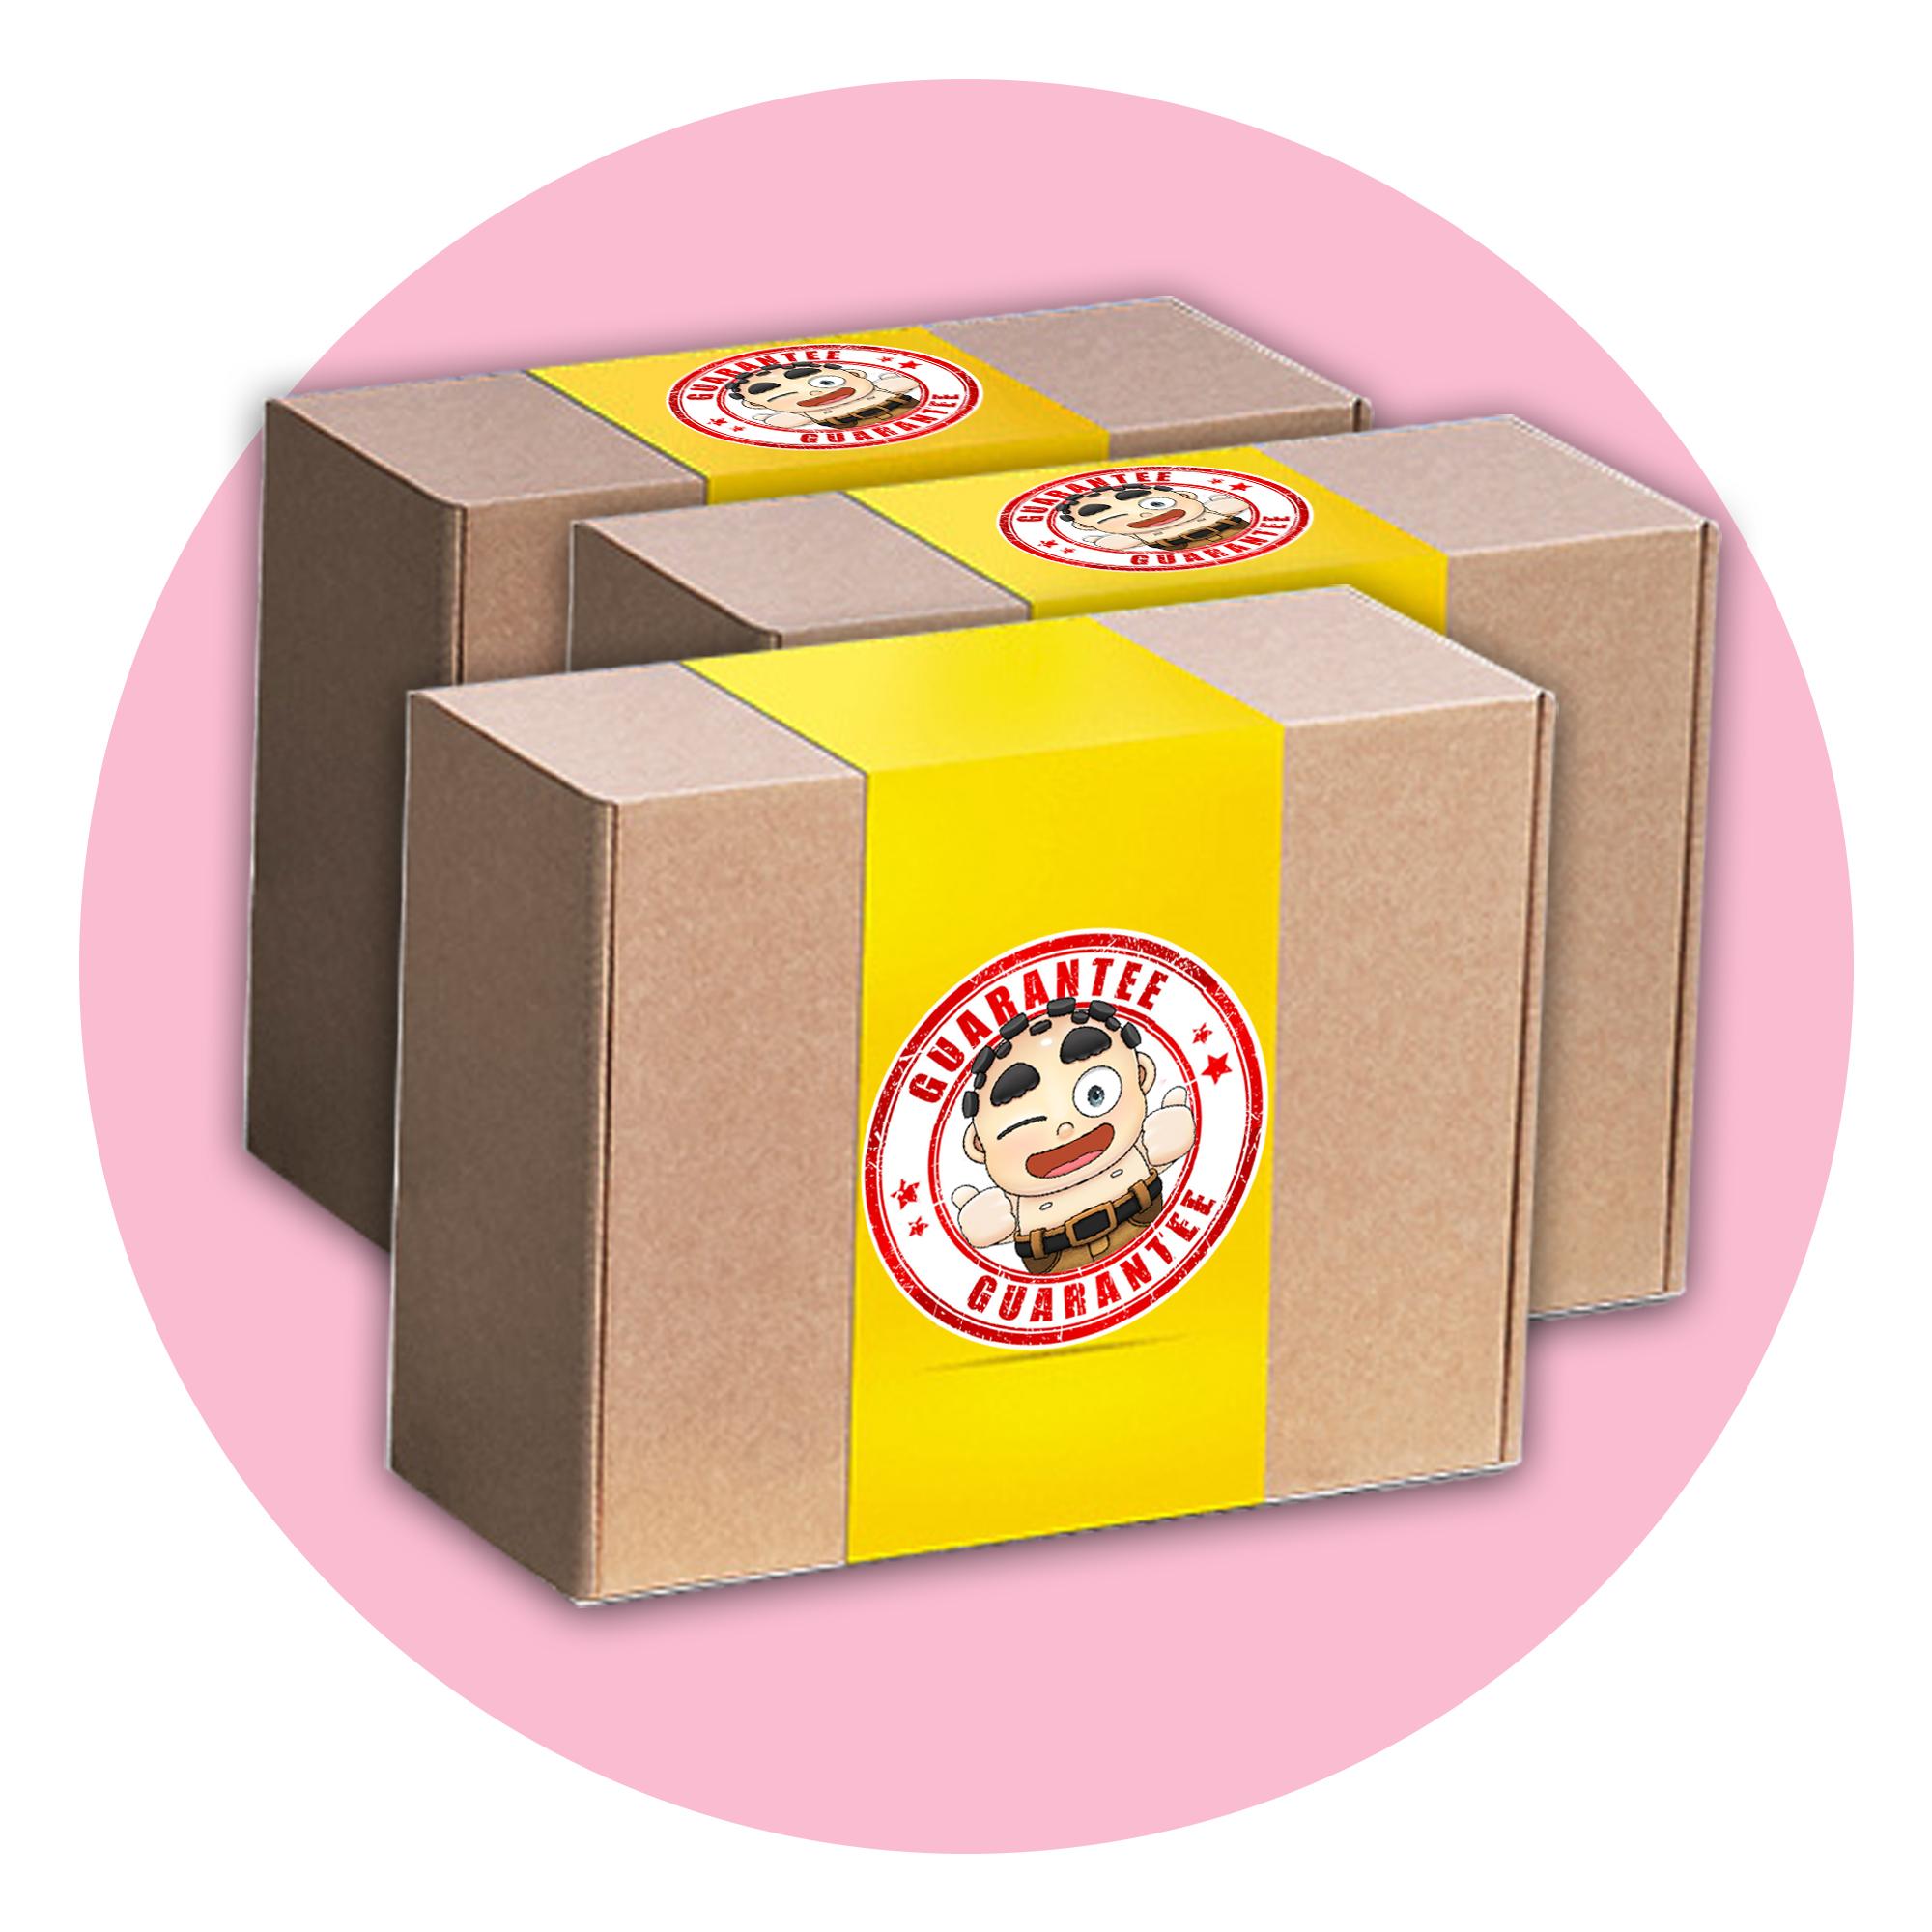 Box Sleeve Packaging